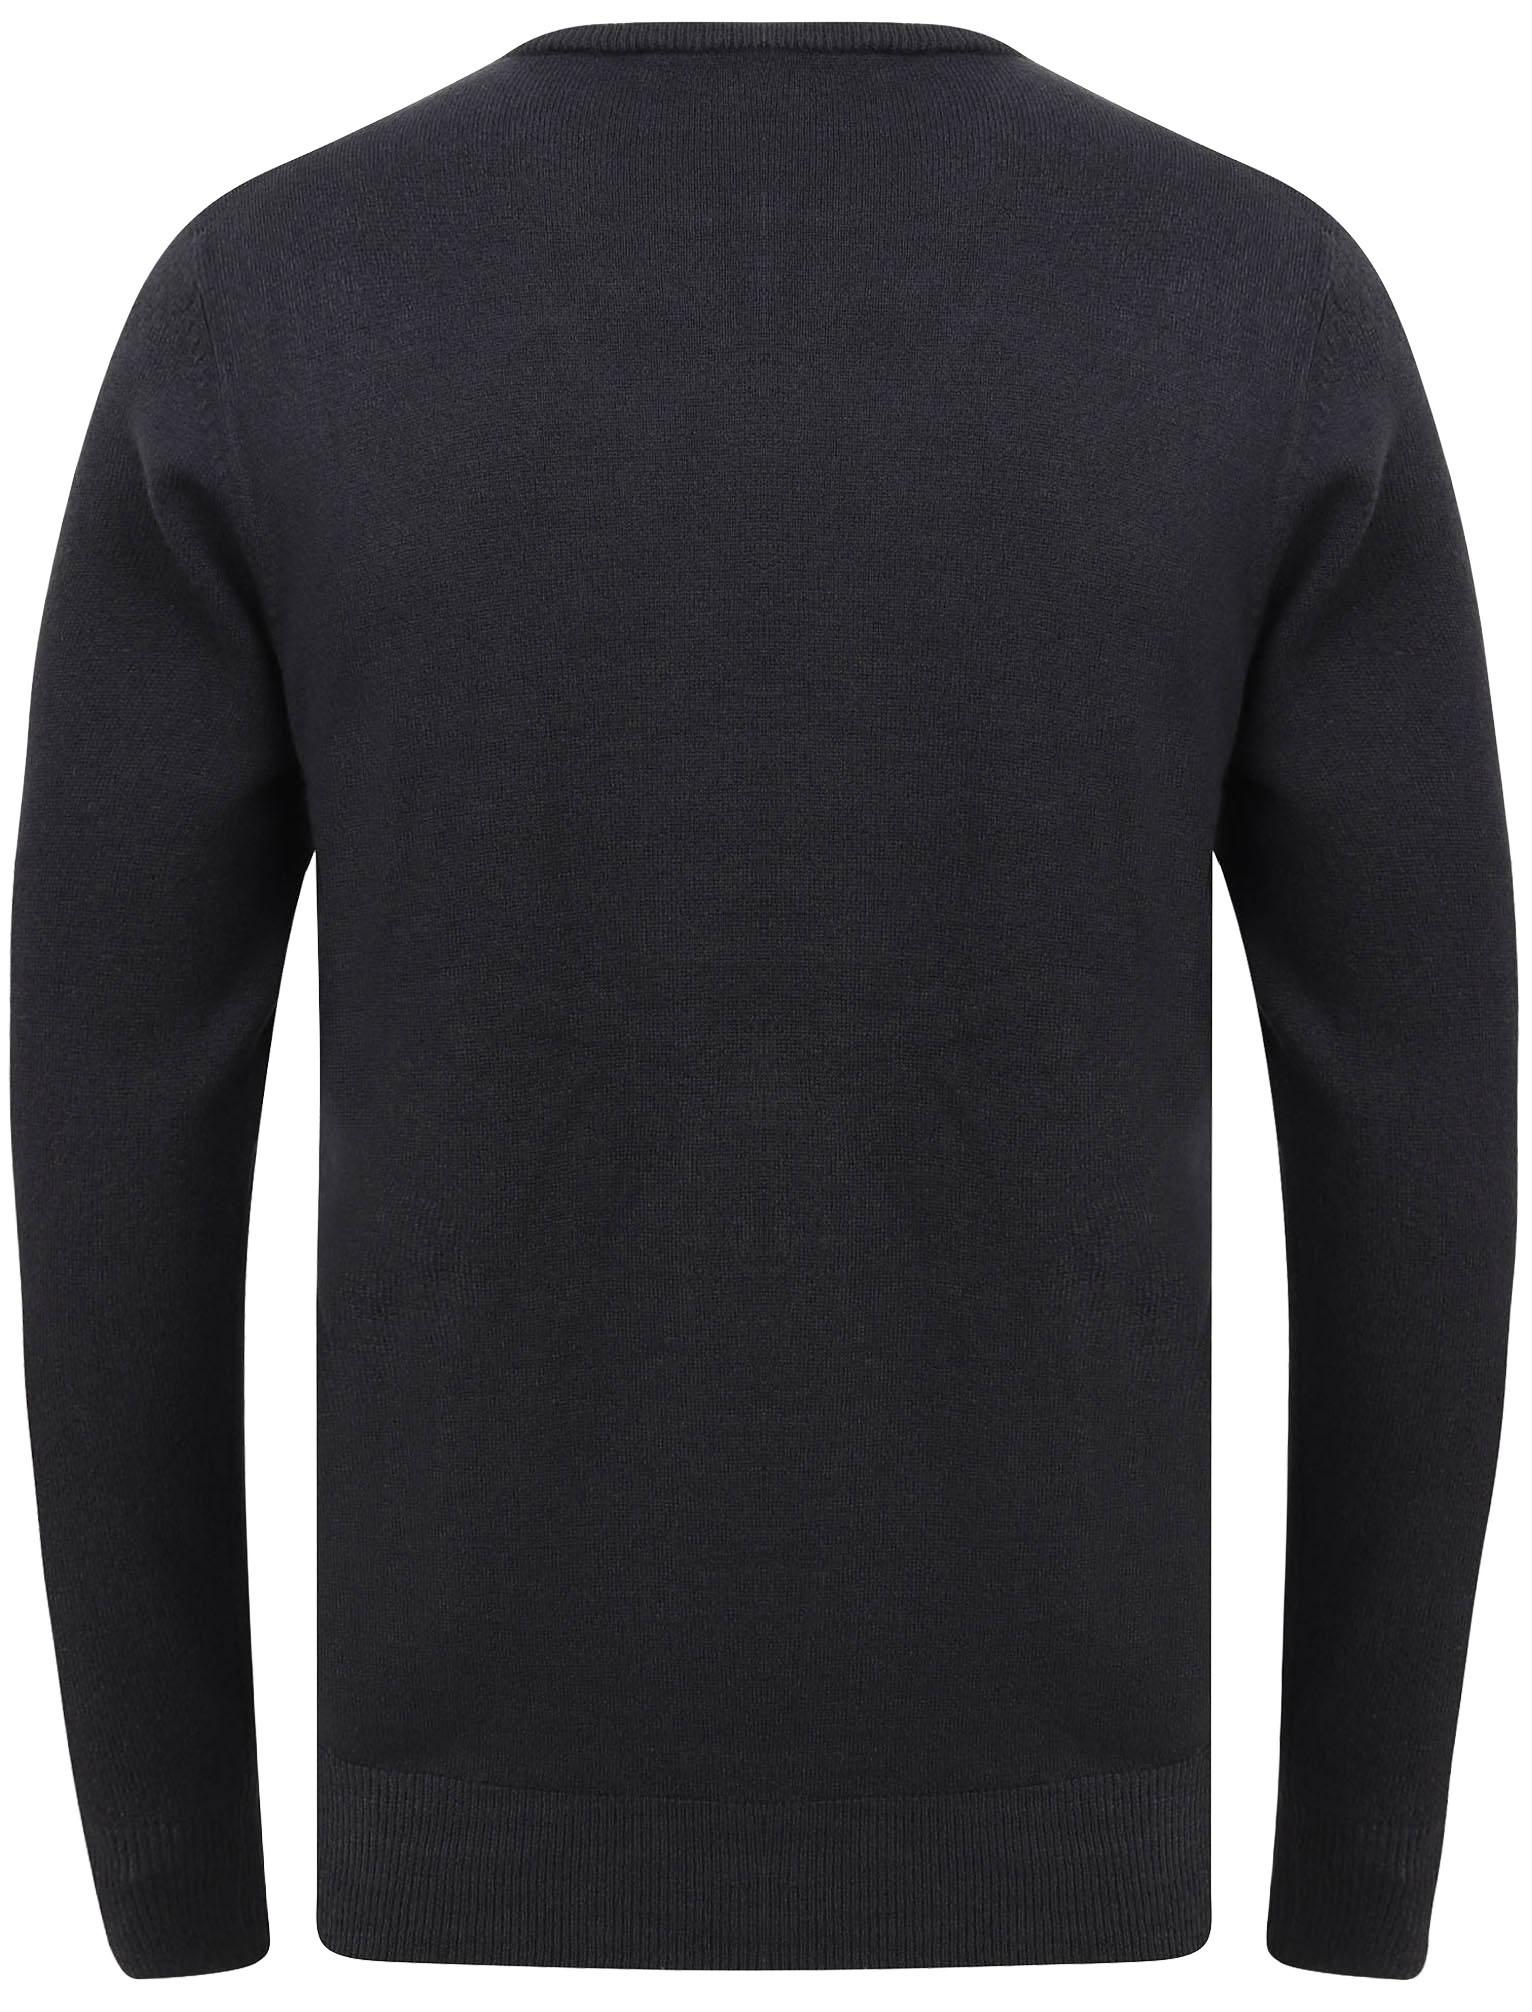 Kensington-Eastside-Men-039-s-Knitted-Crew-or-V-Neck-Jumper-Sweater-Top-Pullover thumbnail 77